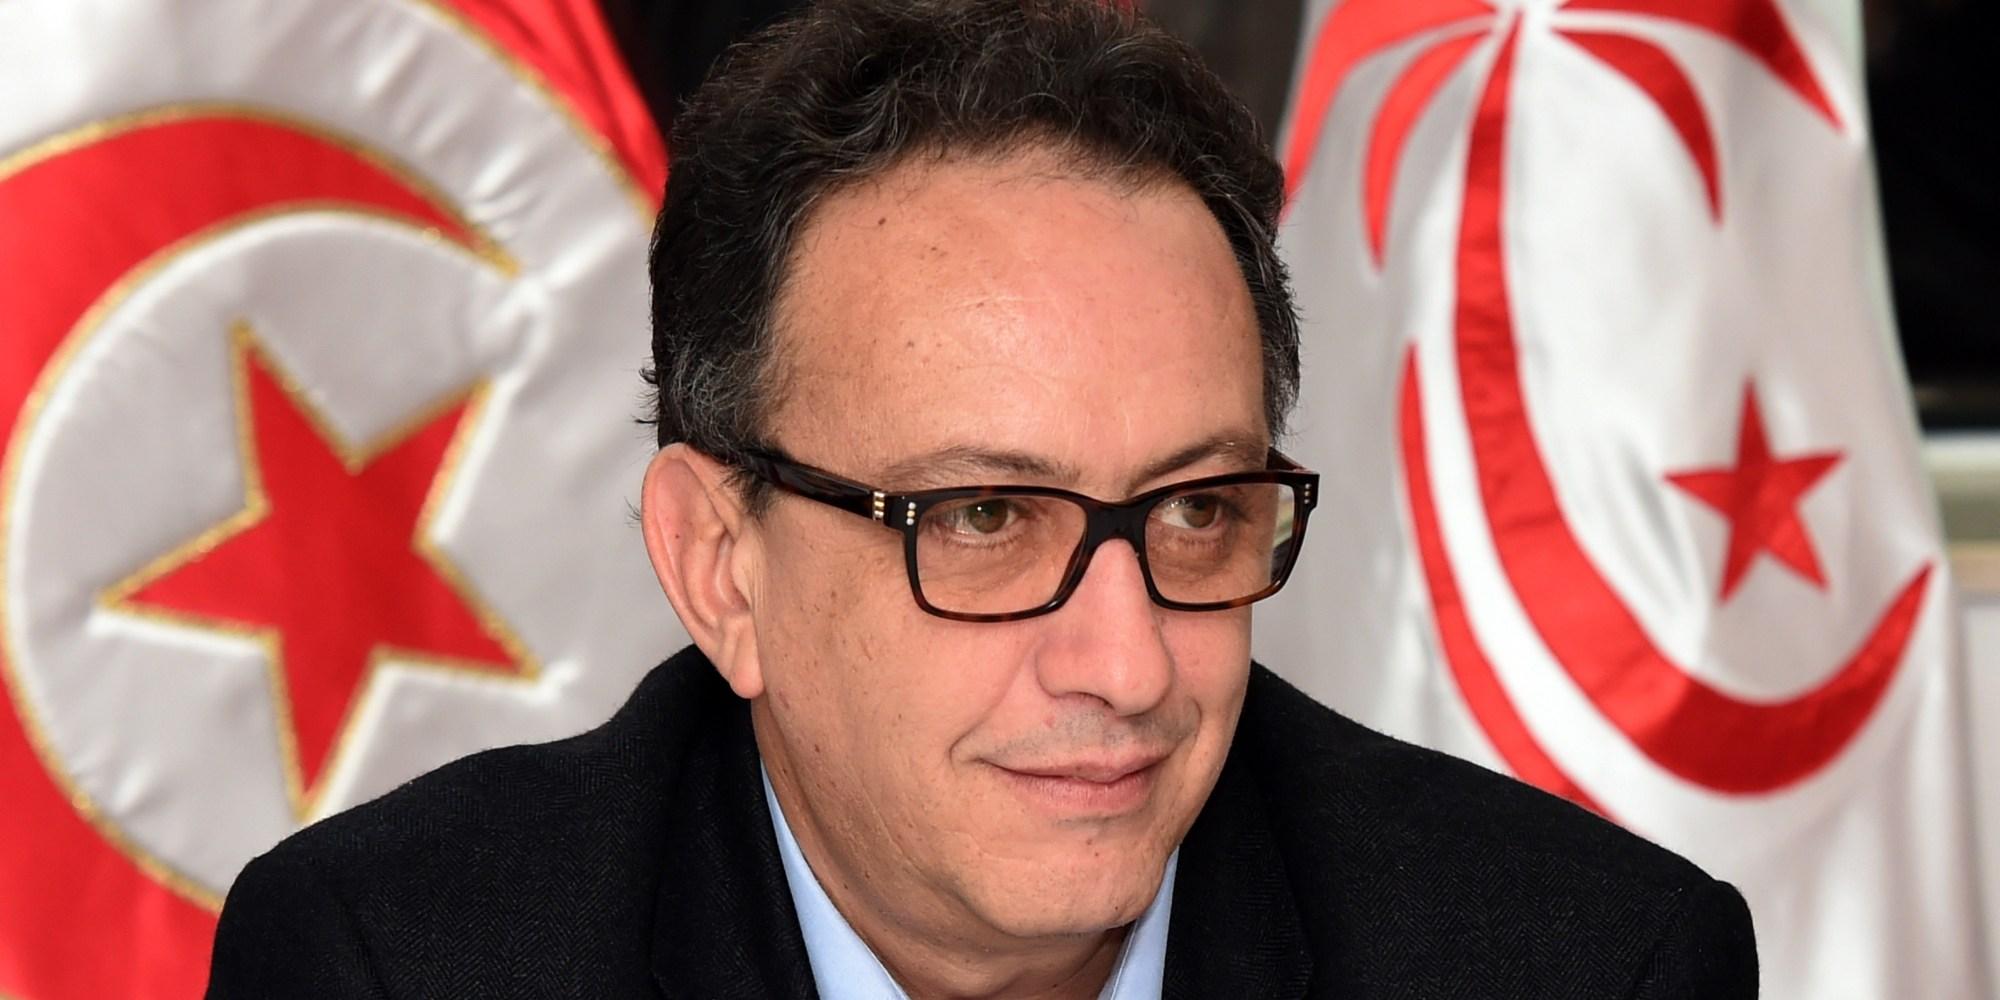 Tunisie : Interview de Hafed Caïd Essebsi (HCE), directeur Exécutif de Nidaa Tounes par Guy Sitbon, ancien correspondant du Monde en Tunisie